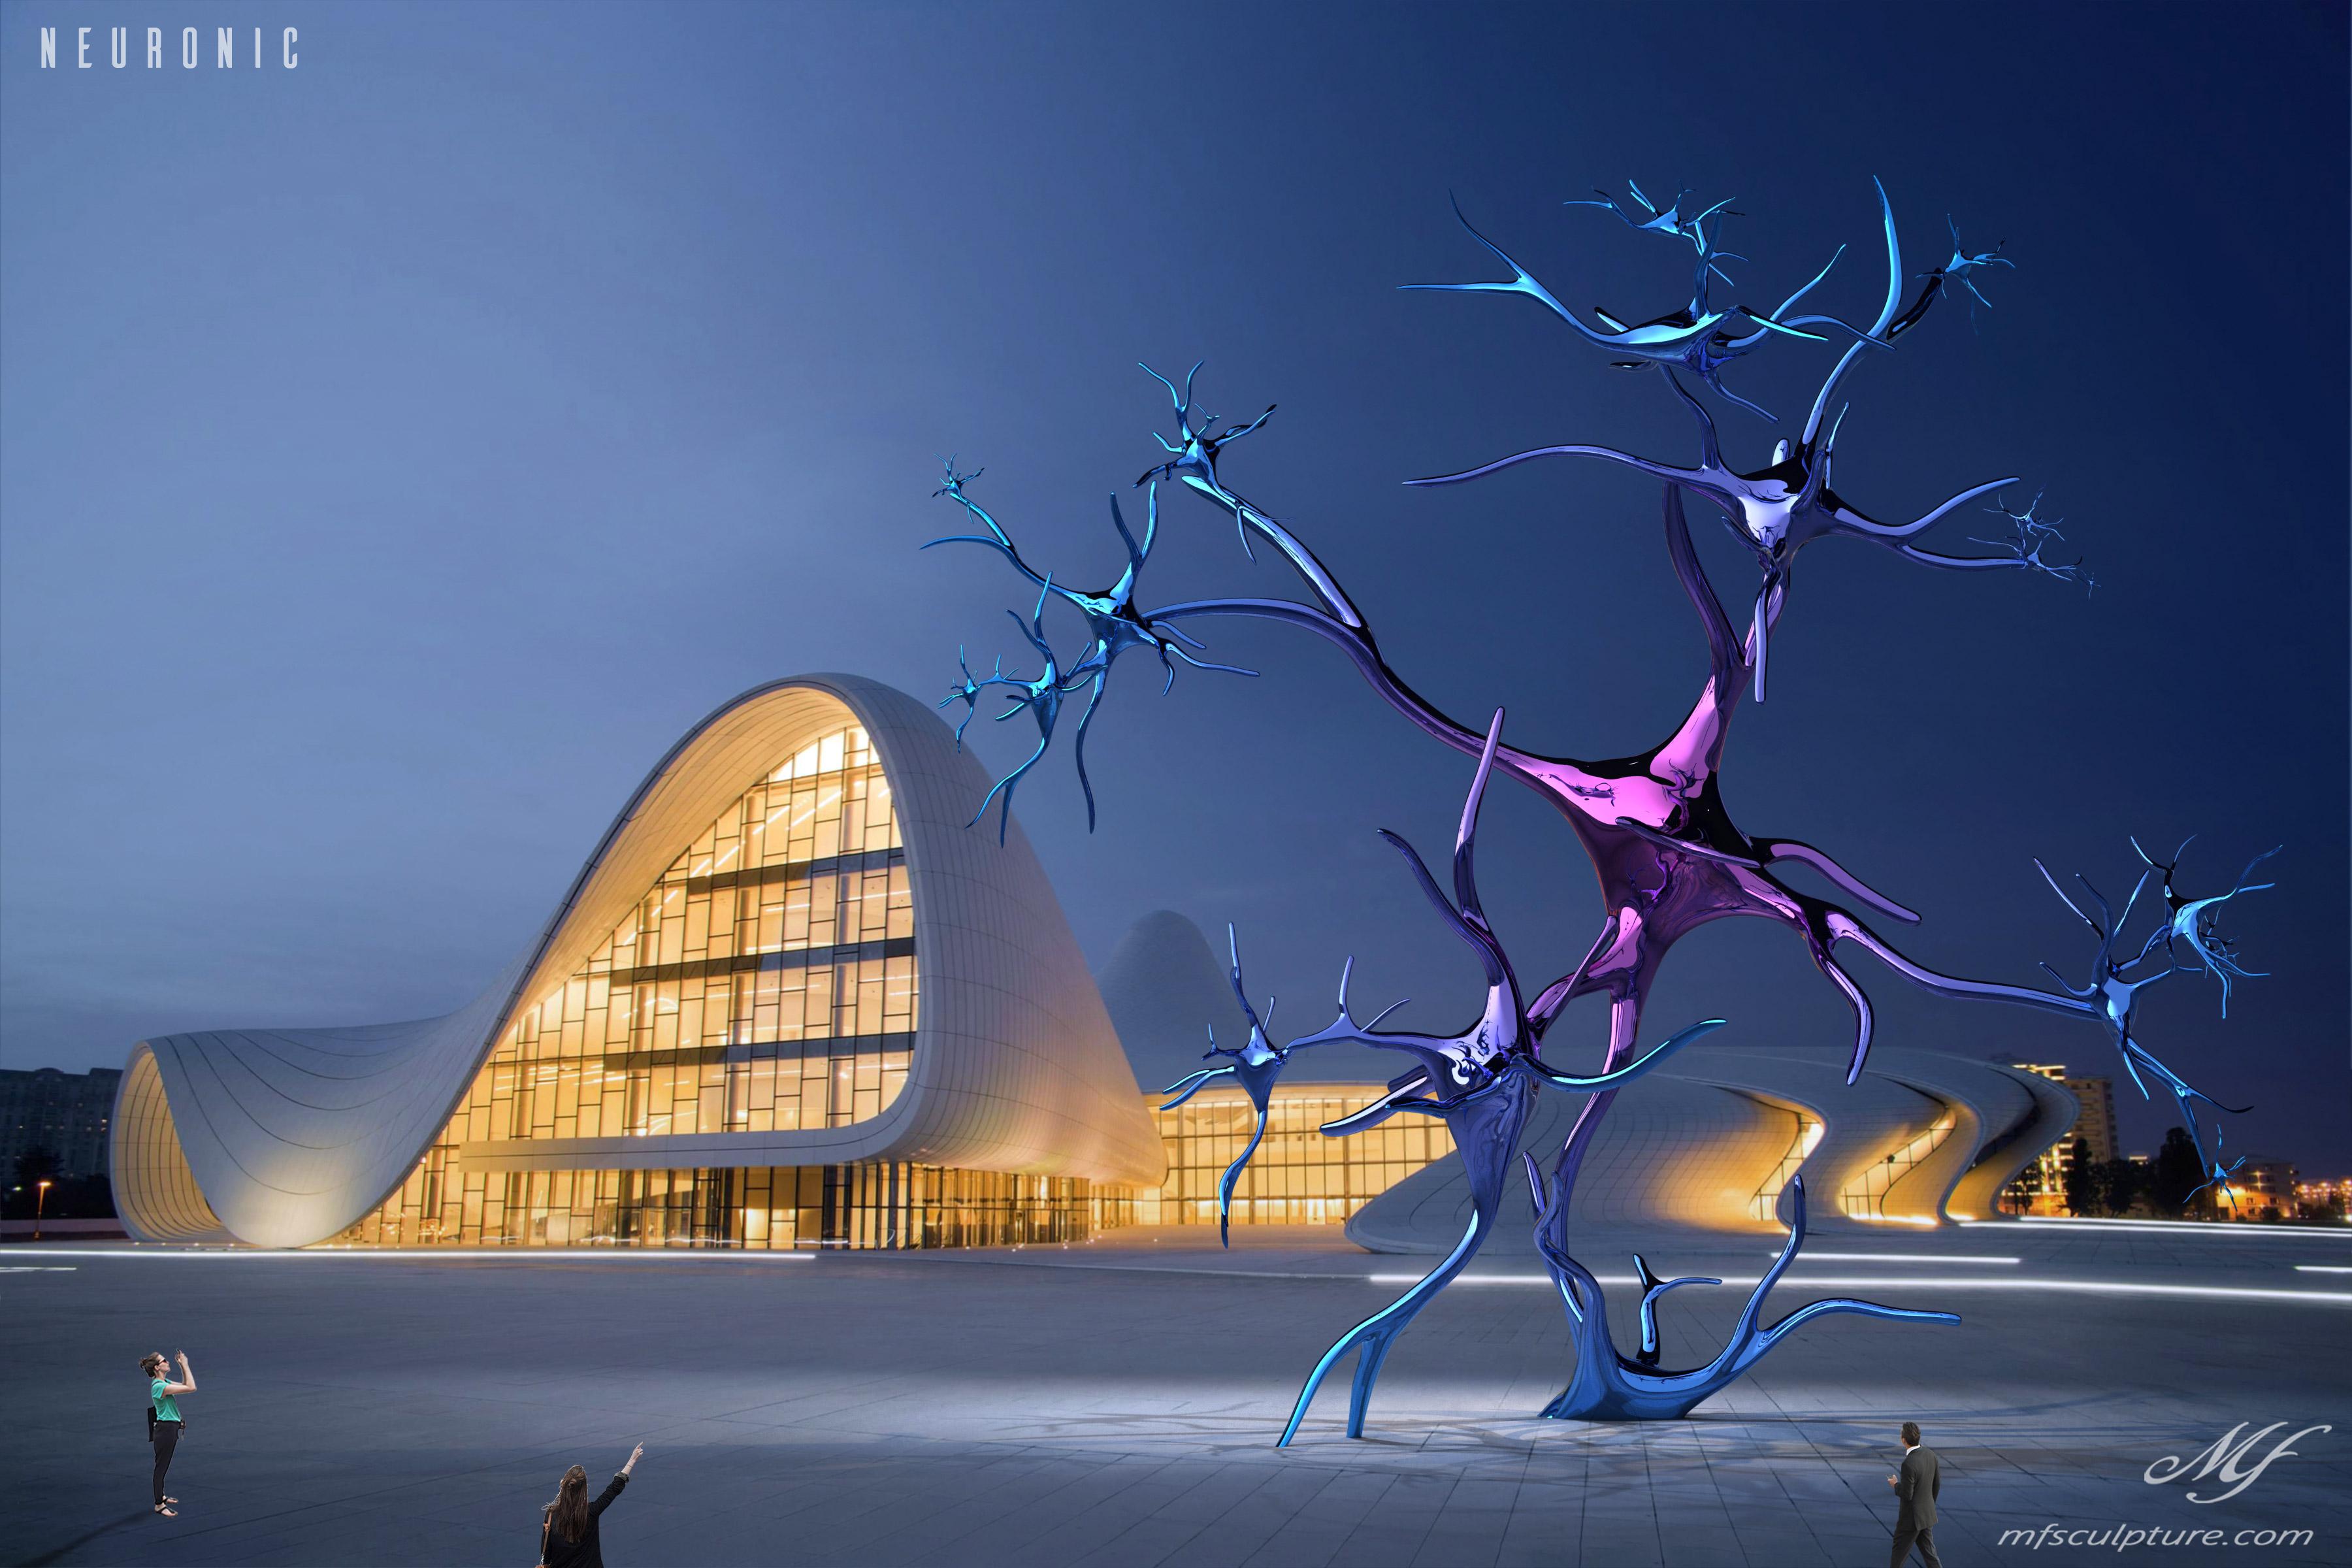 heydar aliyev center baku zaha hadid Modern Sculpture Neuronic Neuron Brain 6